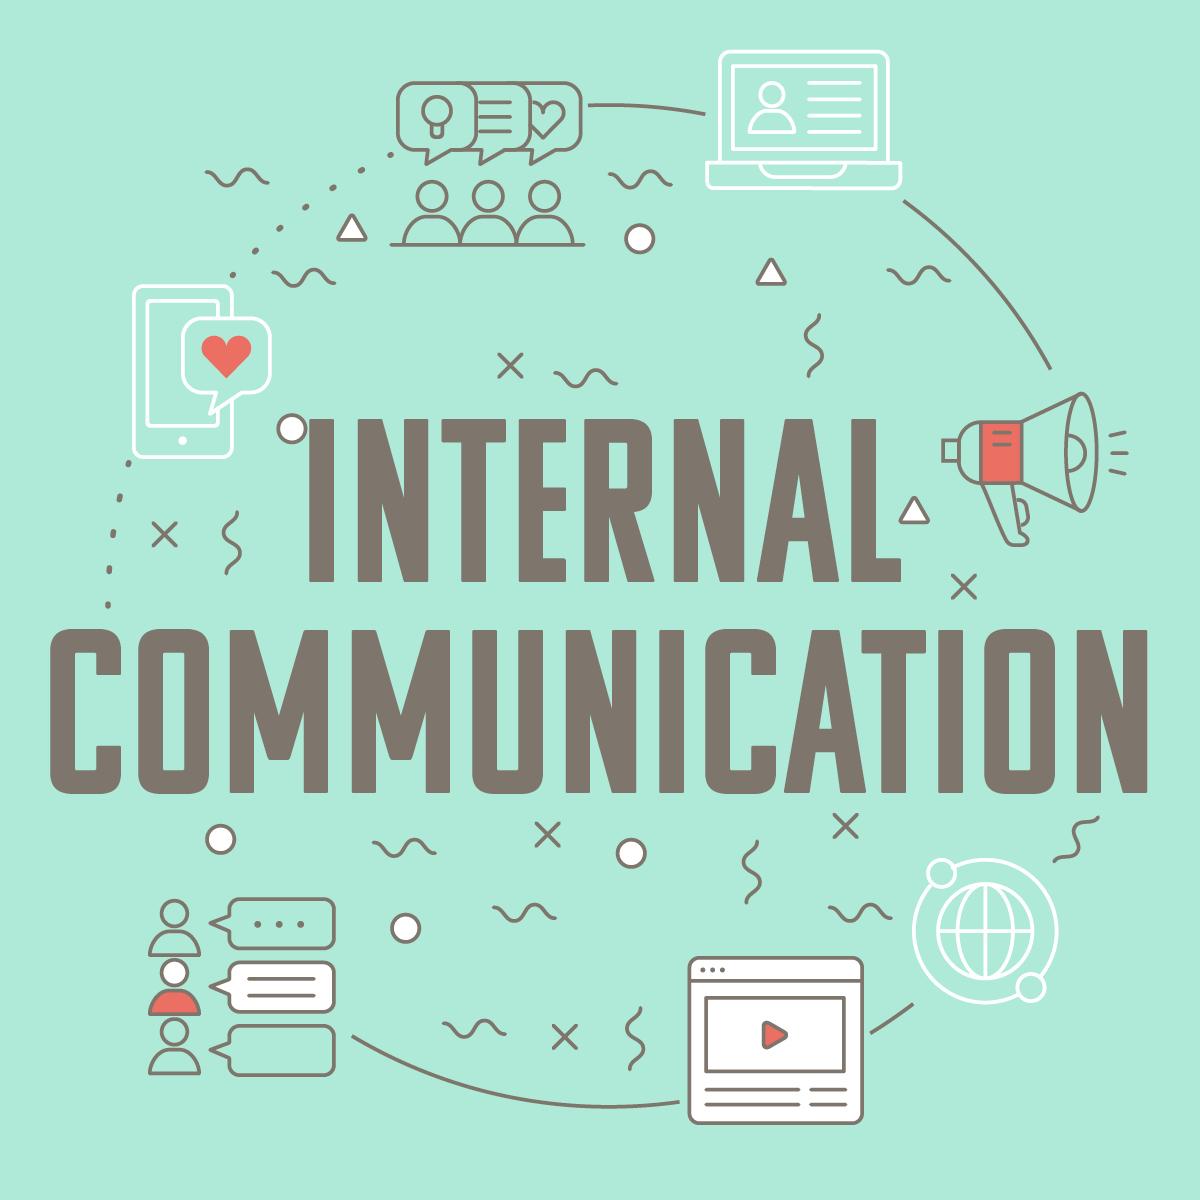 Internal Communcation.jpg